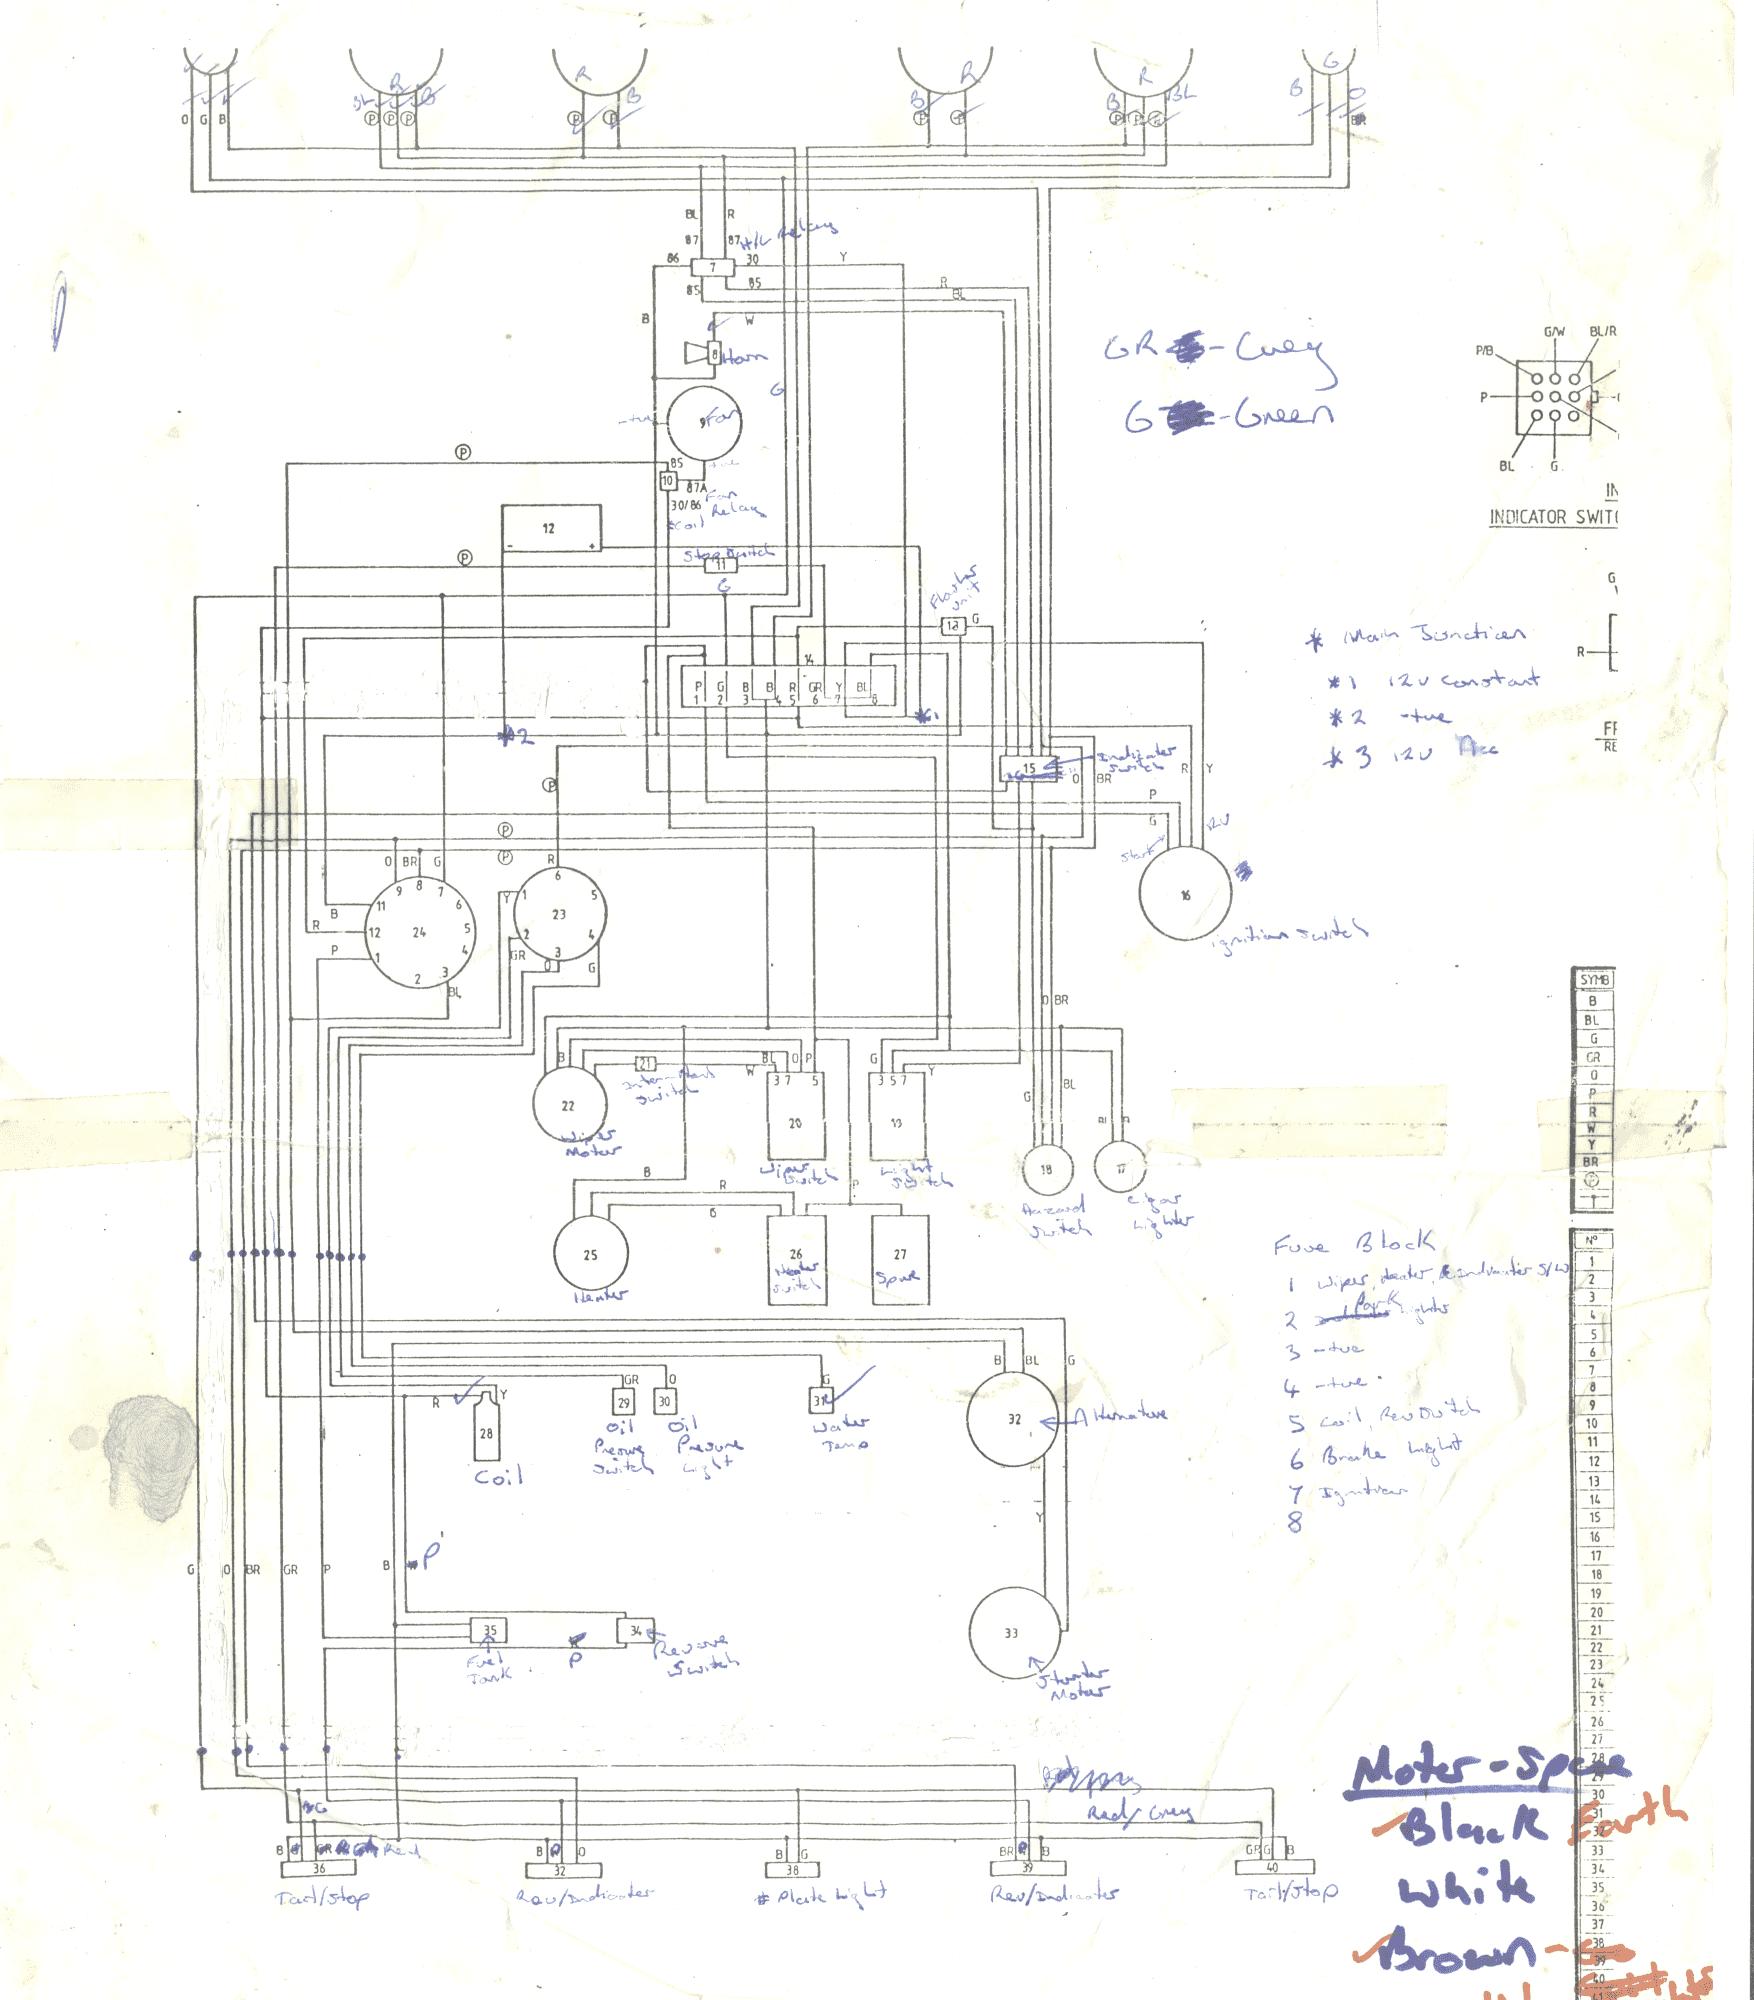 Kia Sedona Wiring Diagram Http Wwwjustanswercom Kia 4letvkia